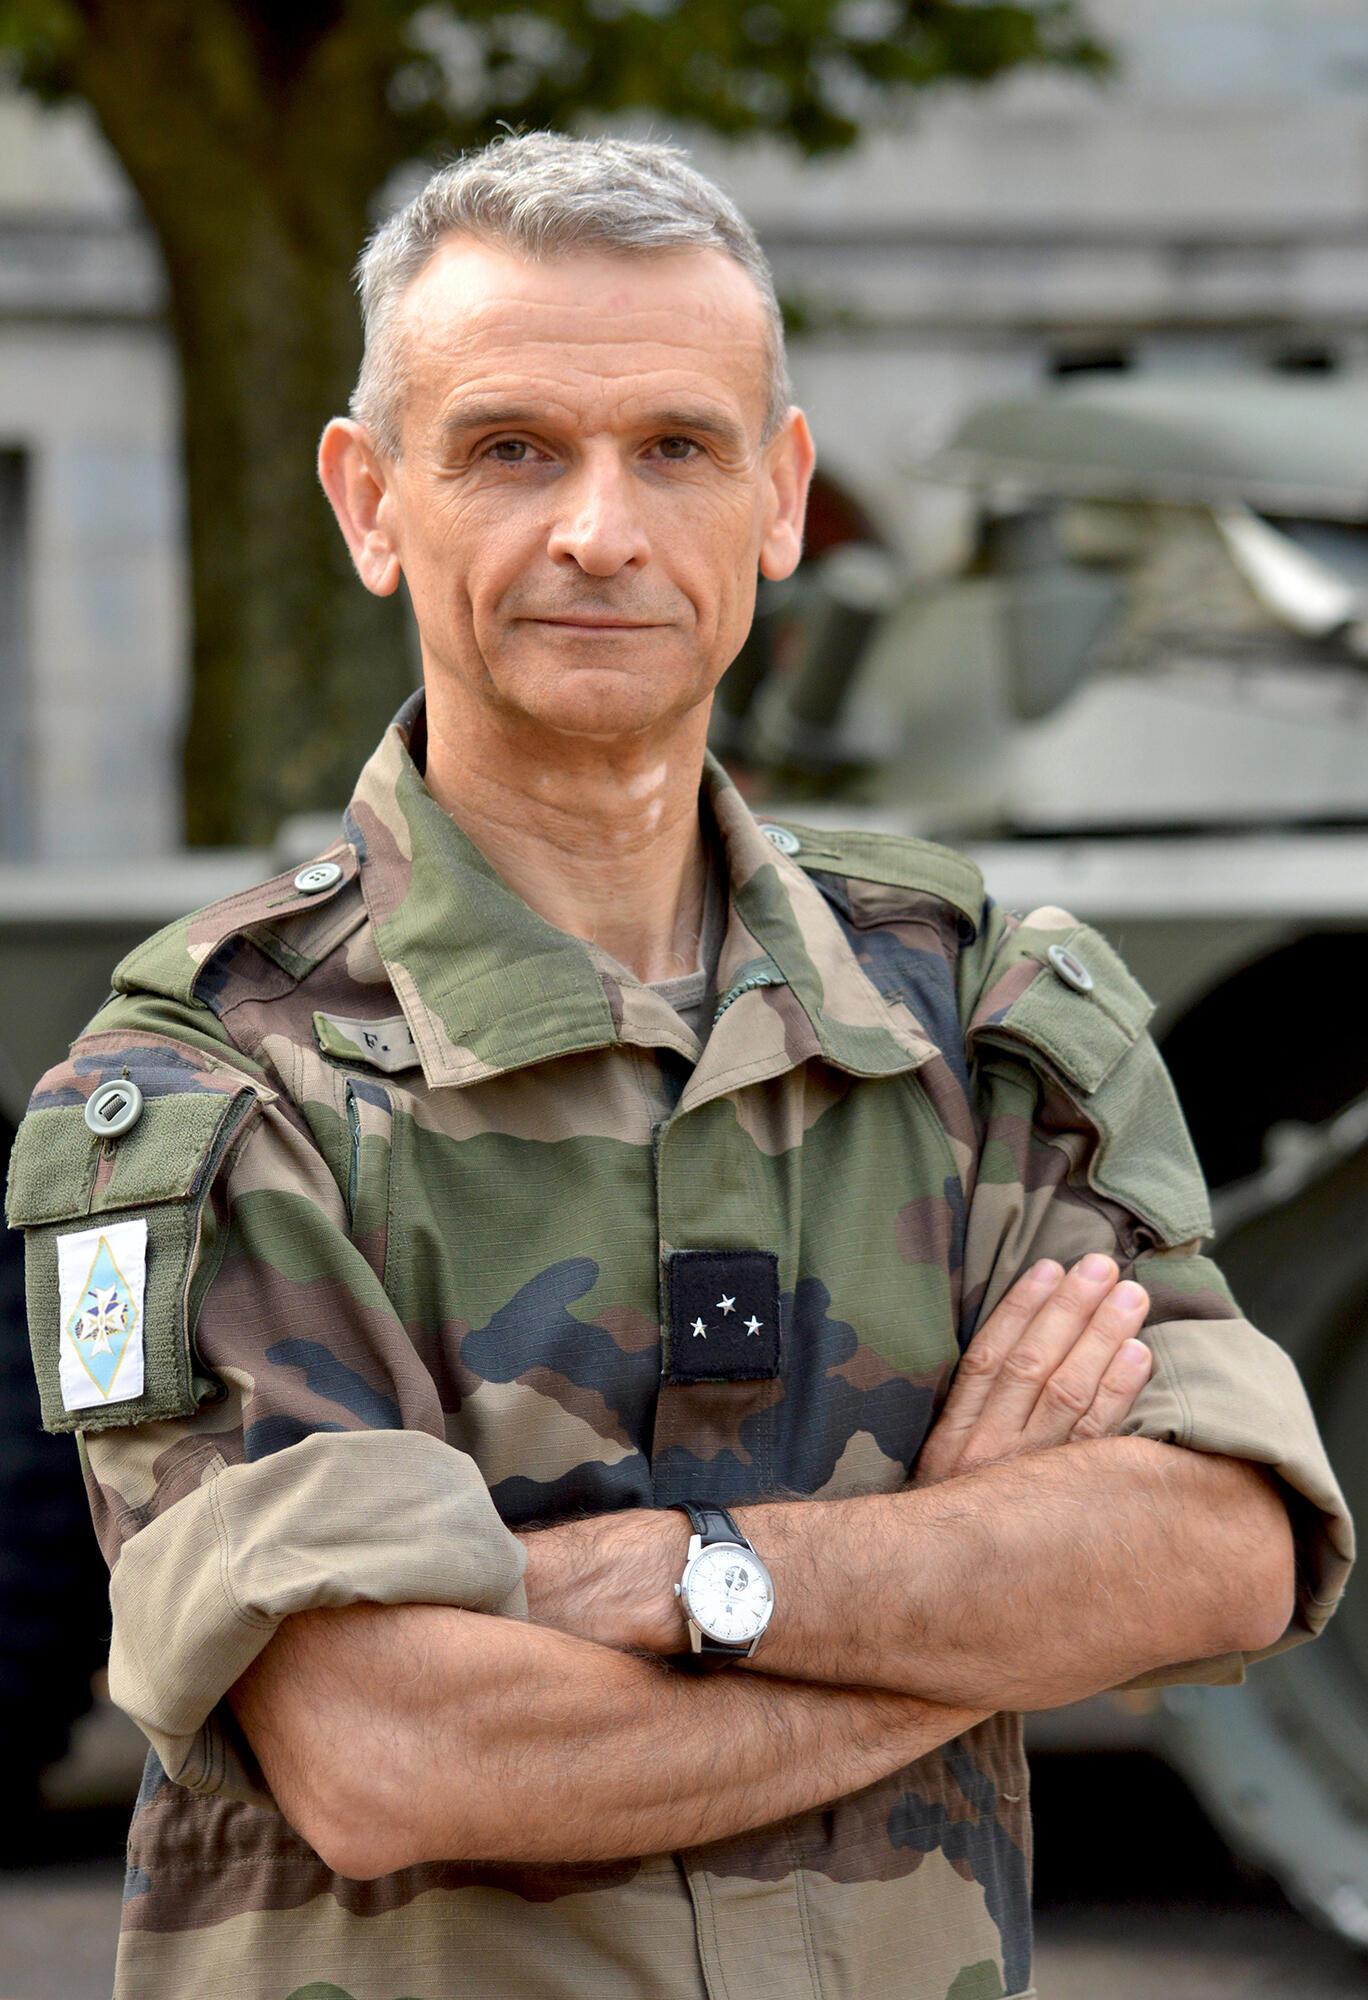 Le Général Frédéric Blachon est le commandant de la force Barkhane au Mali.